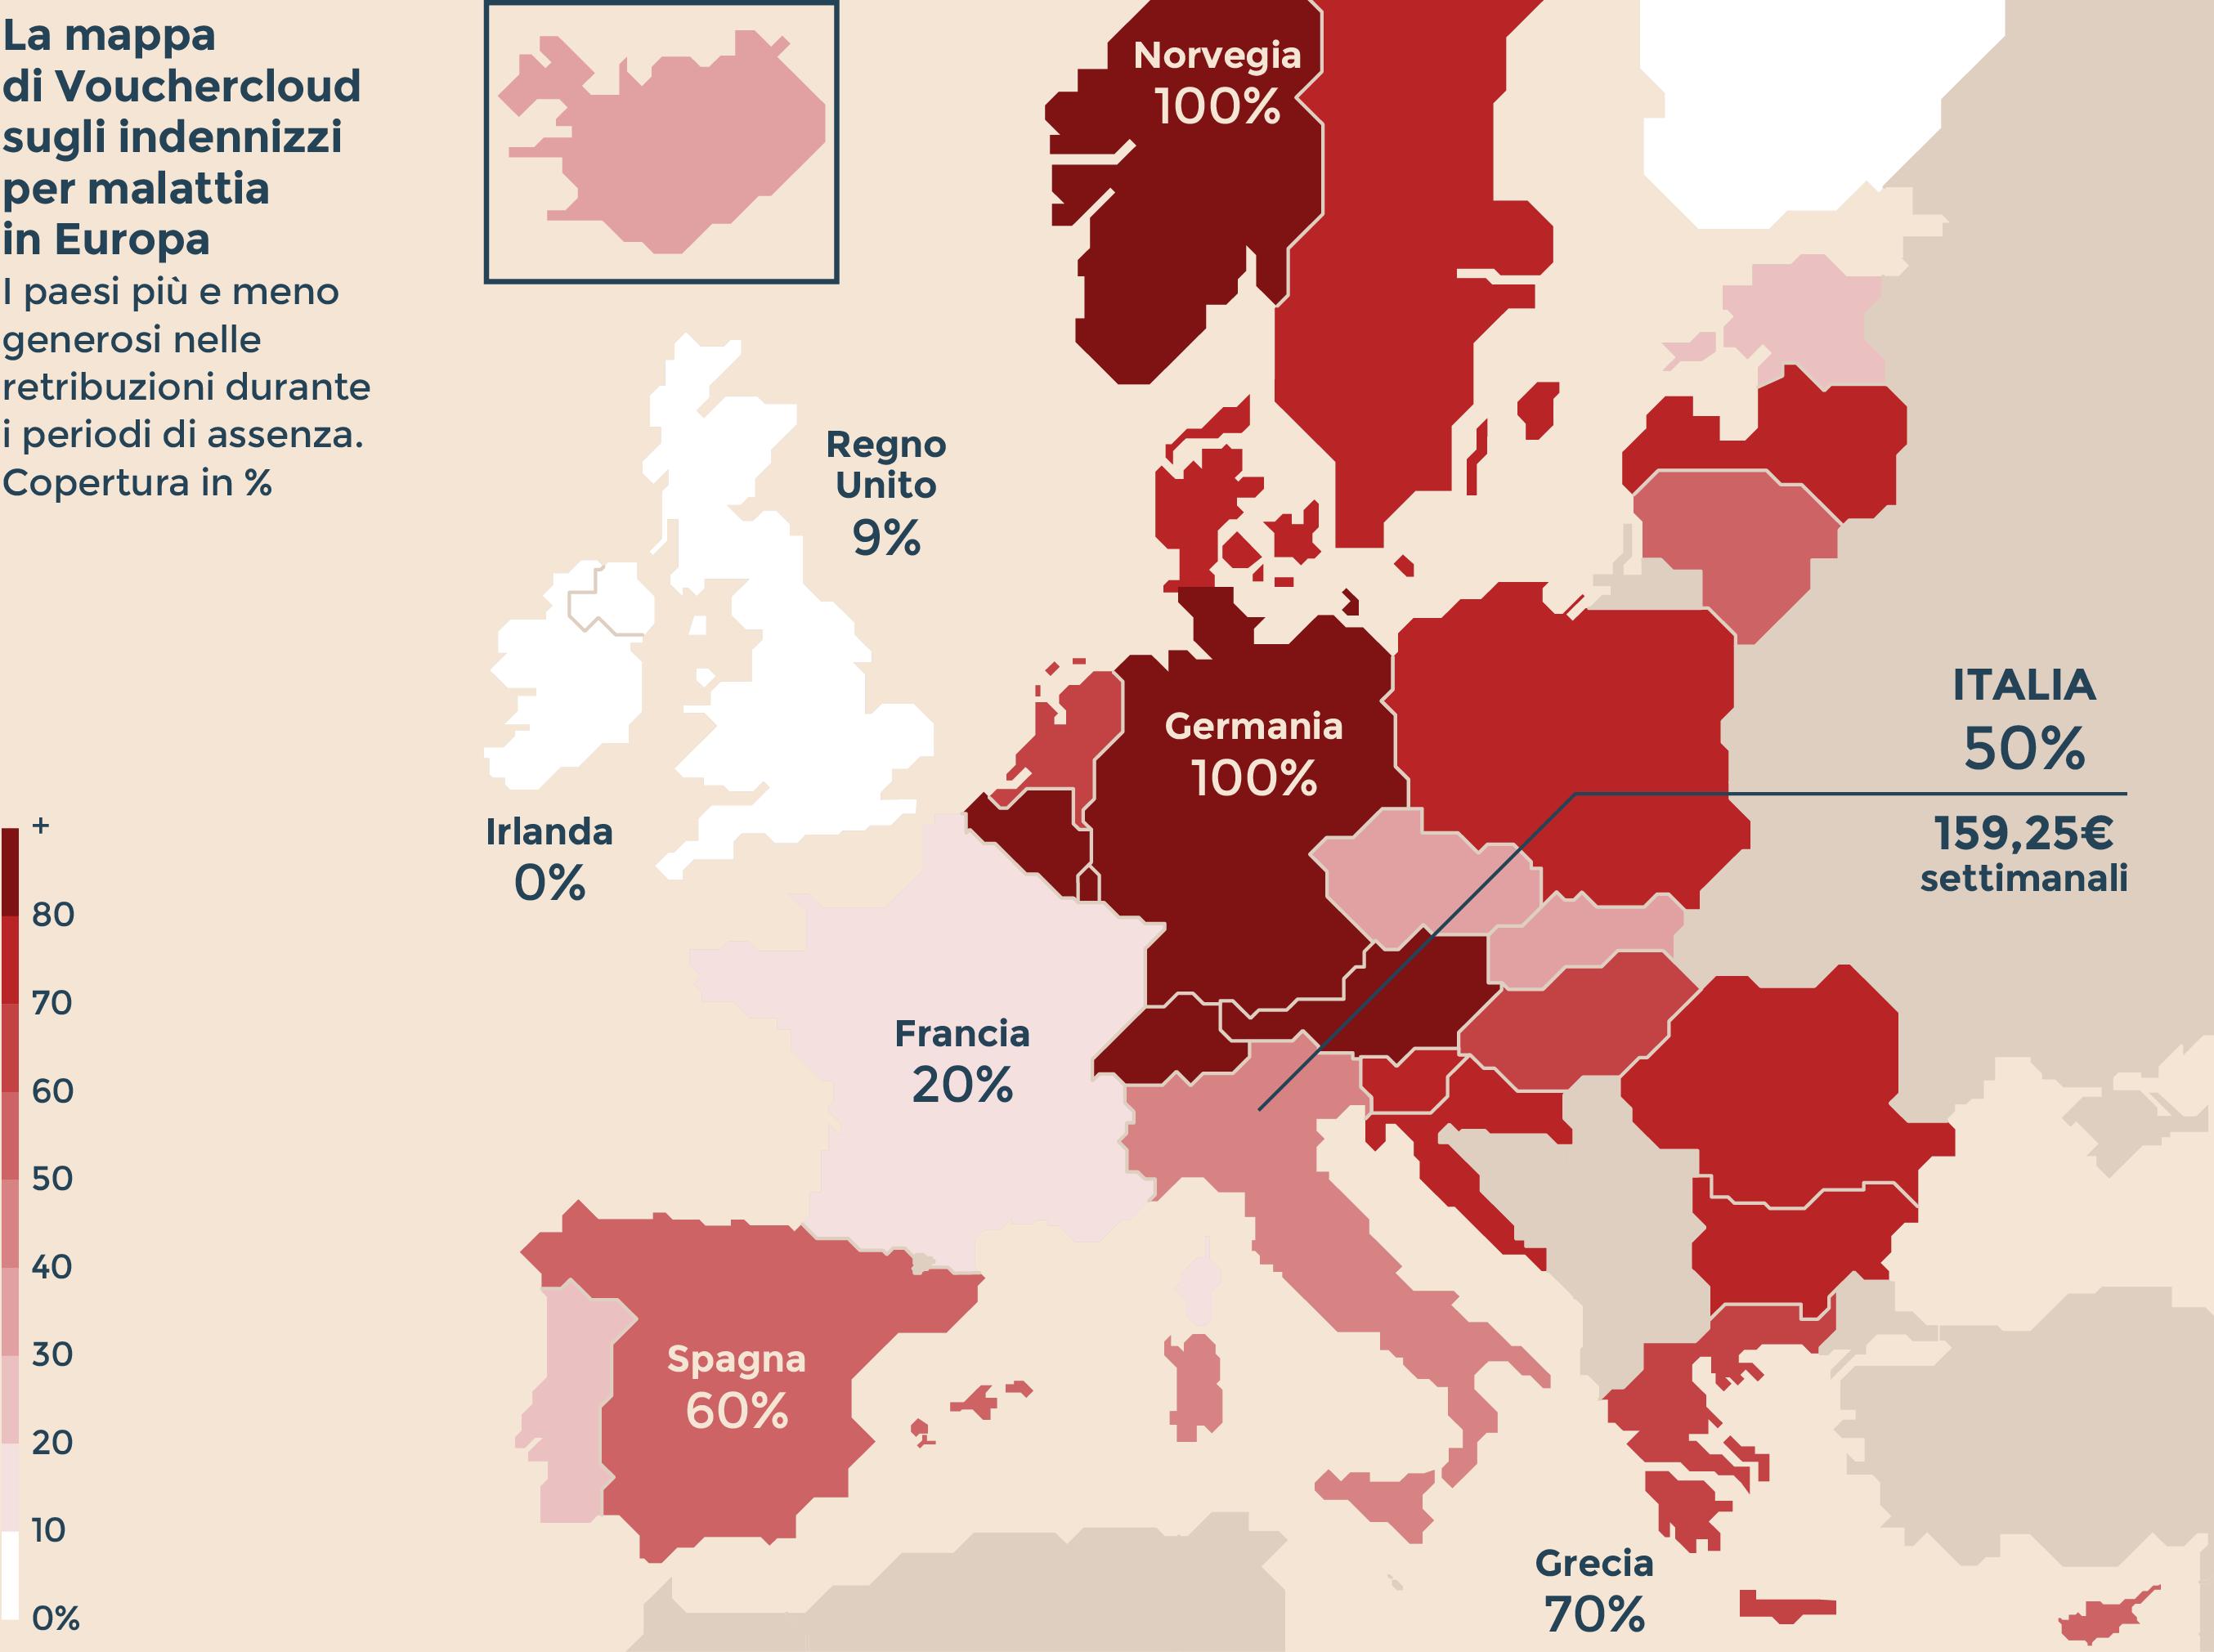 Lavoro e malattia ecco i paesi dove il welfare pi - Mappa di ungheria ed europa ...